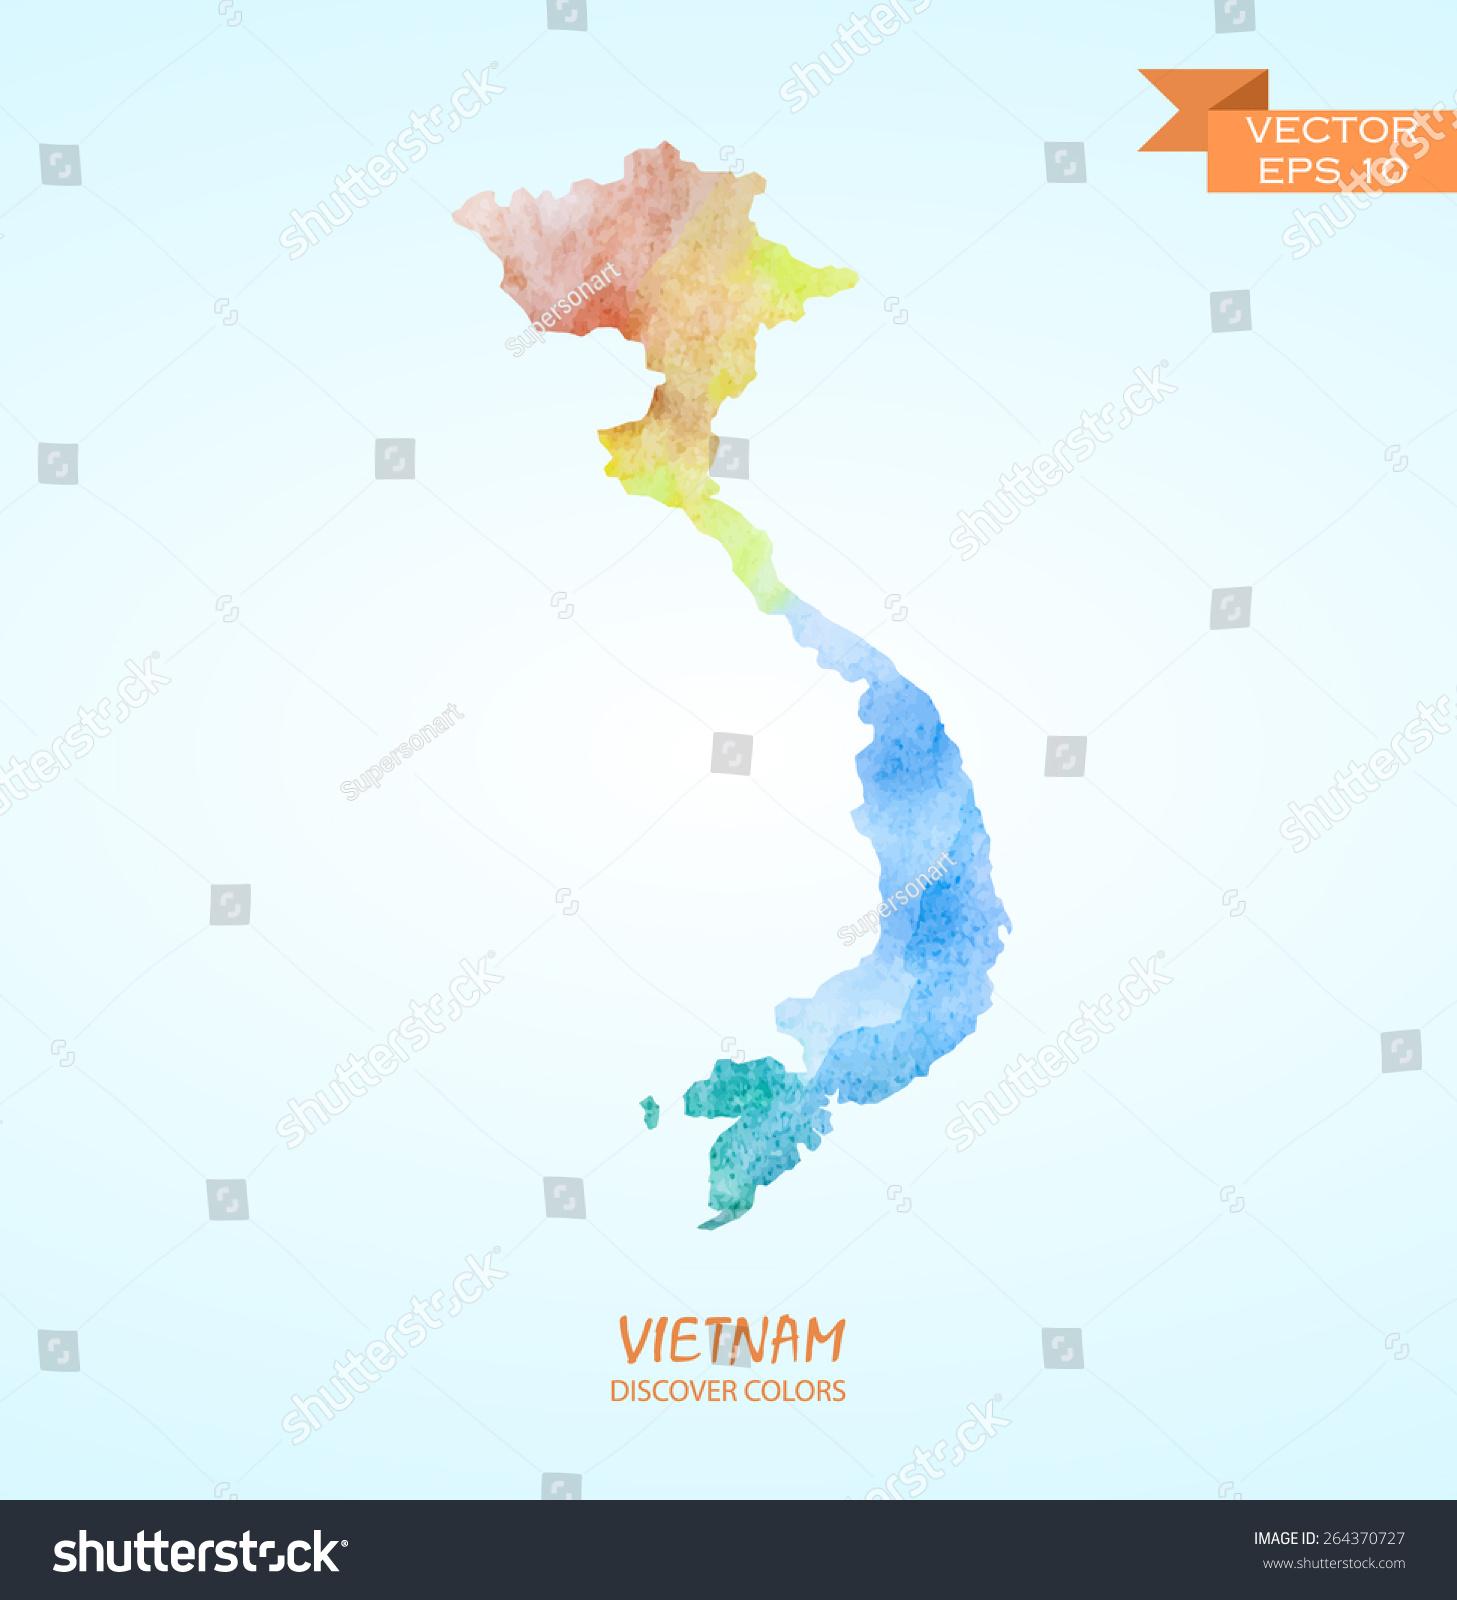 手绘水彩越南地图孤立